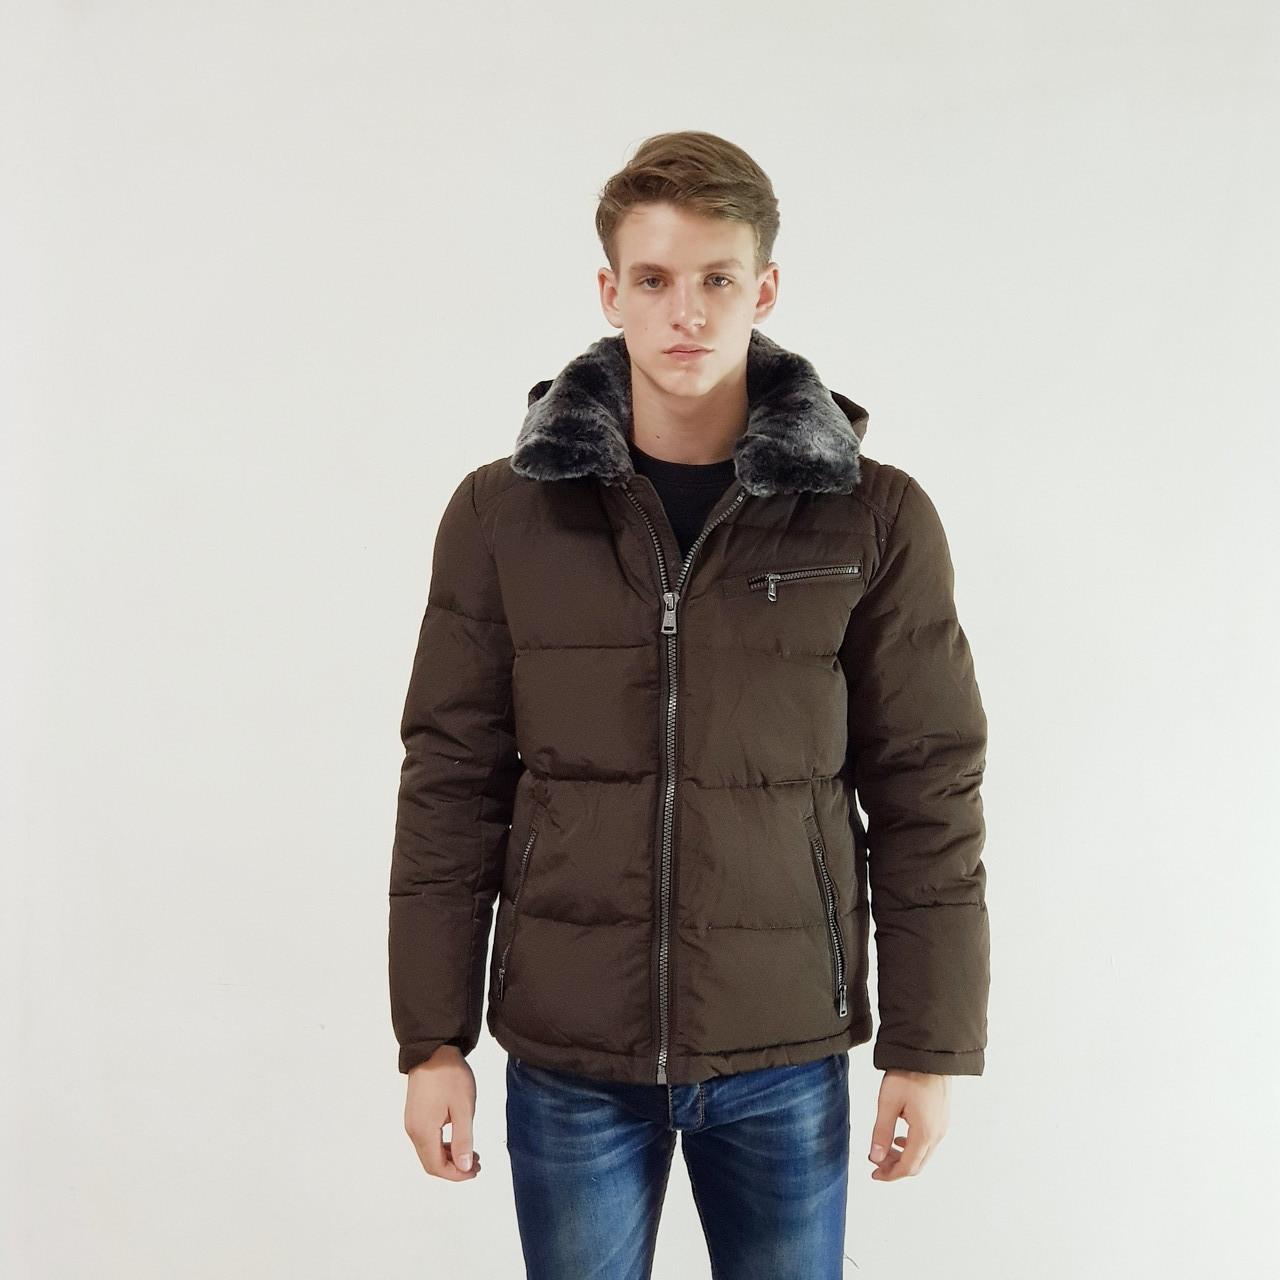 Куртка мужская зимняя Snowimage с капюшоном 54 коричневый 104-6156